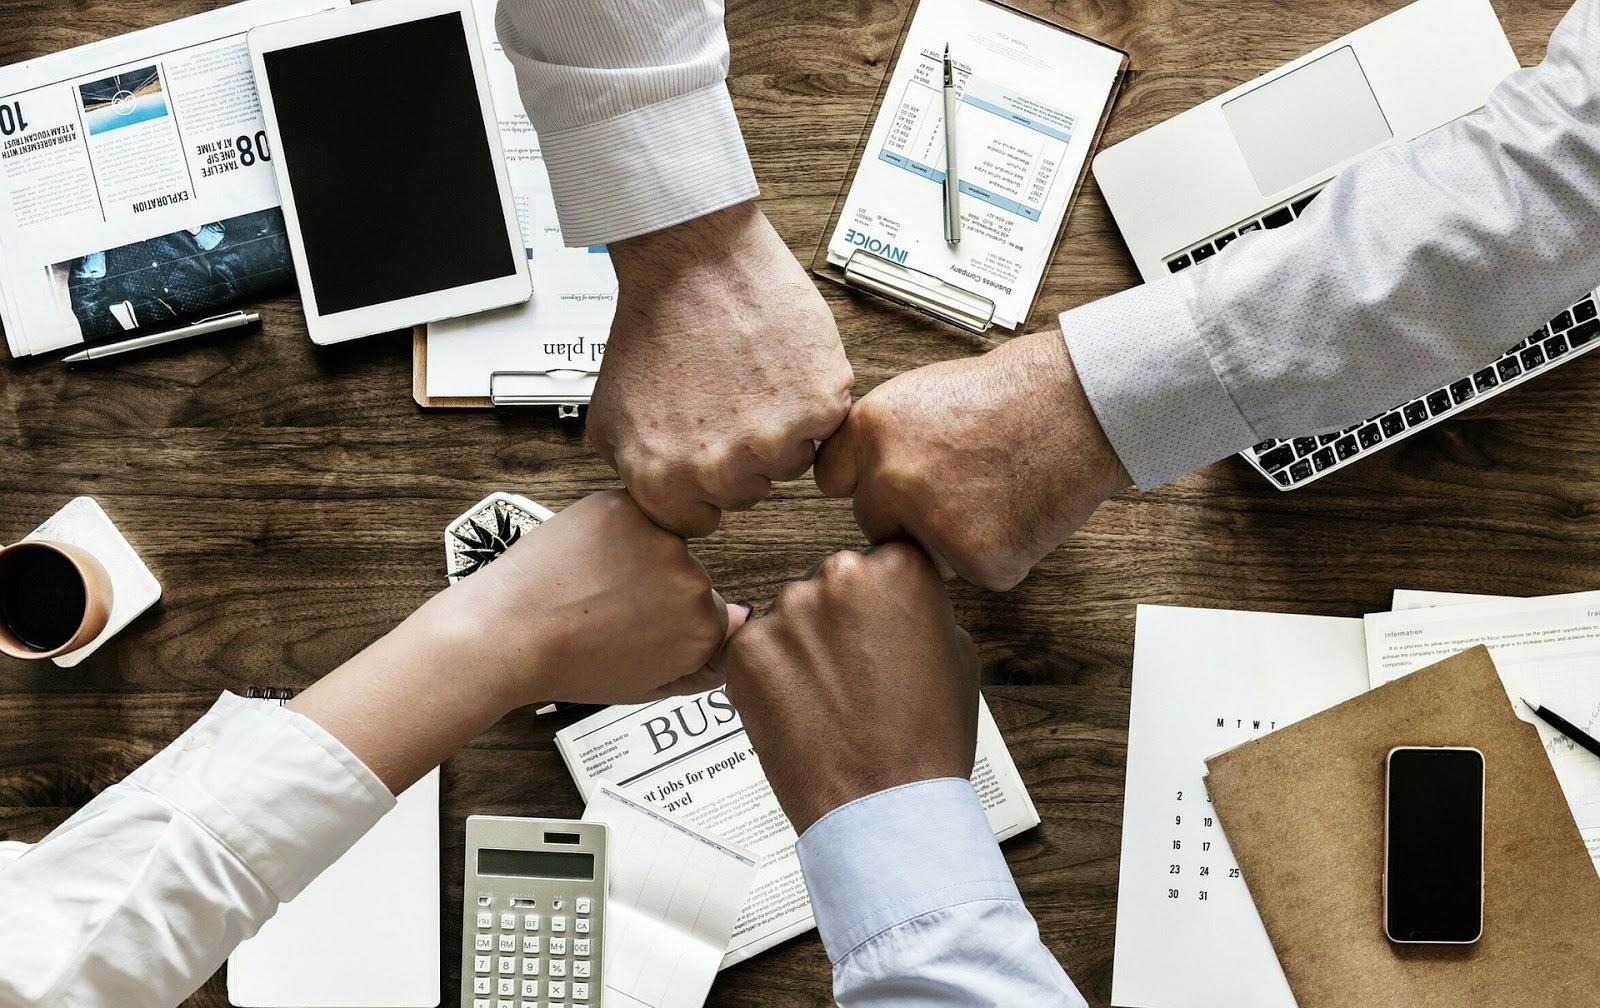 インスタグラムをビジネスアカウントにするべき理由とは?切り替え方法